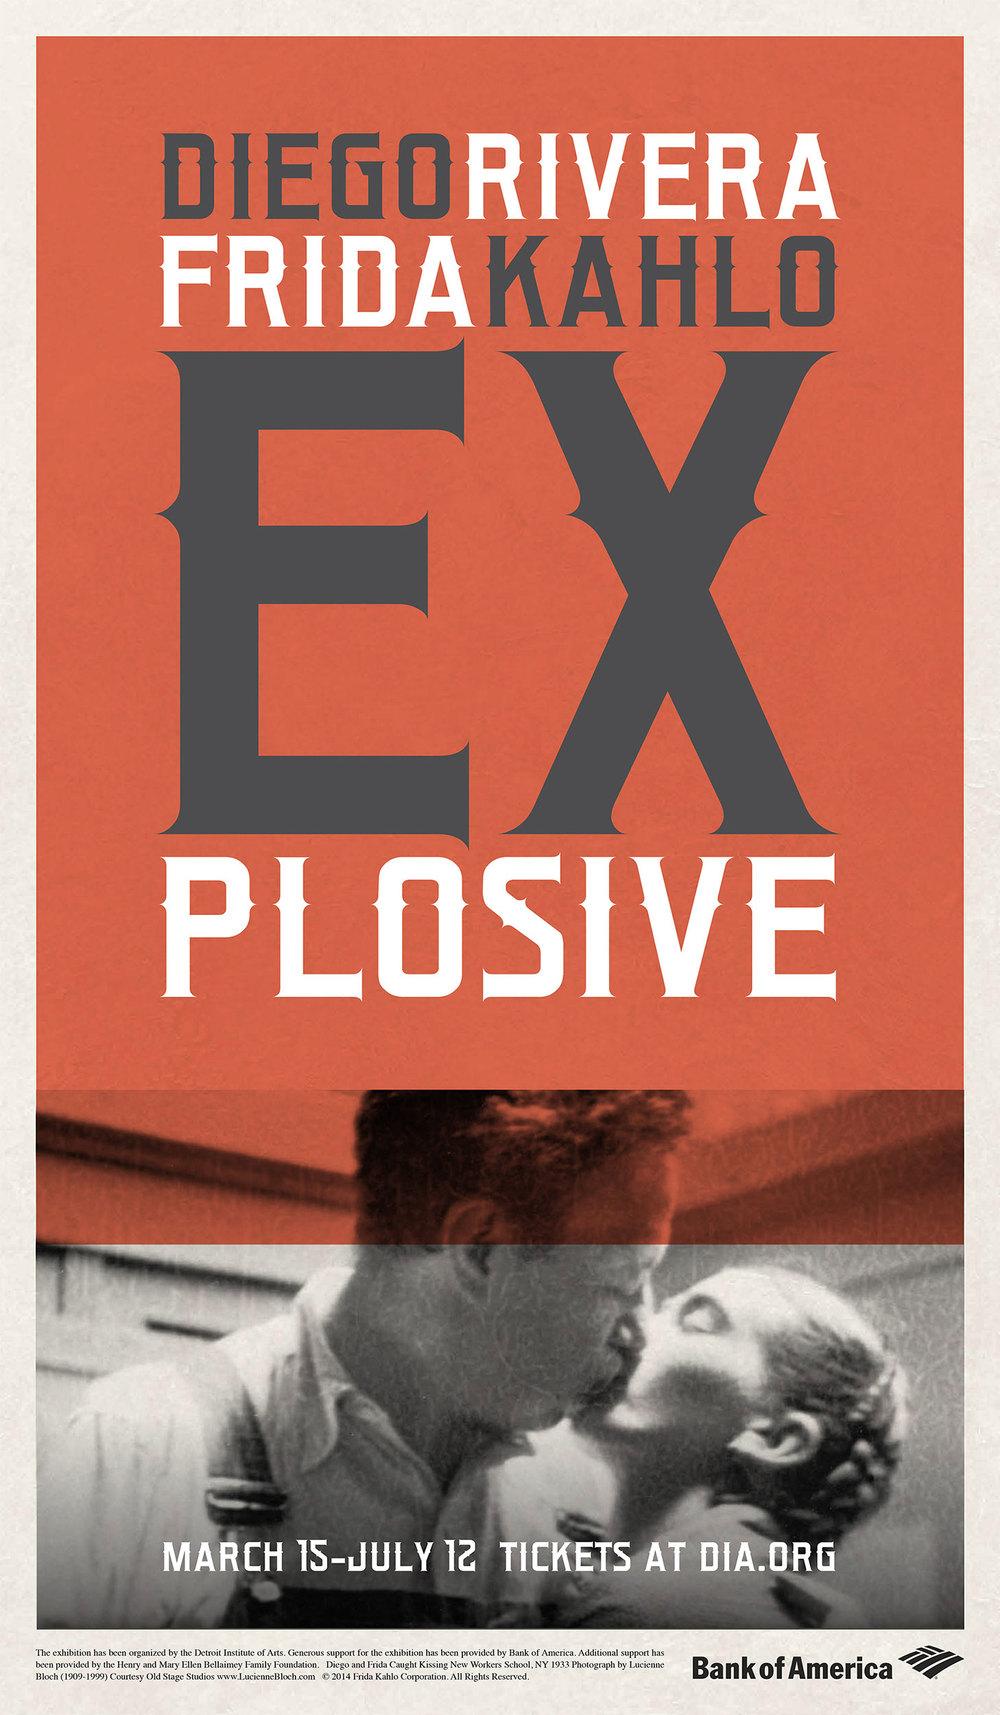 explosive_banner2.jpg